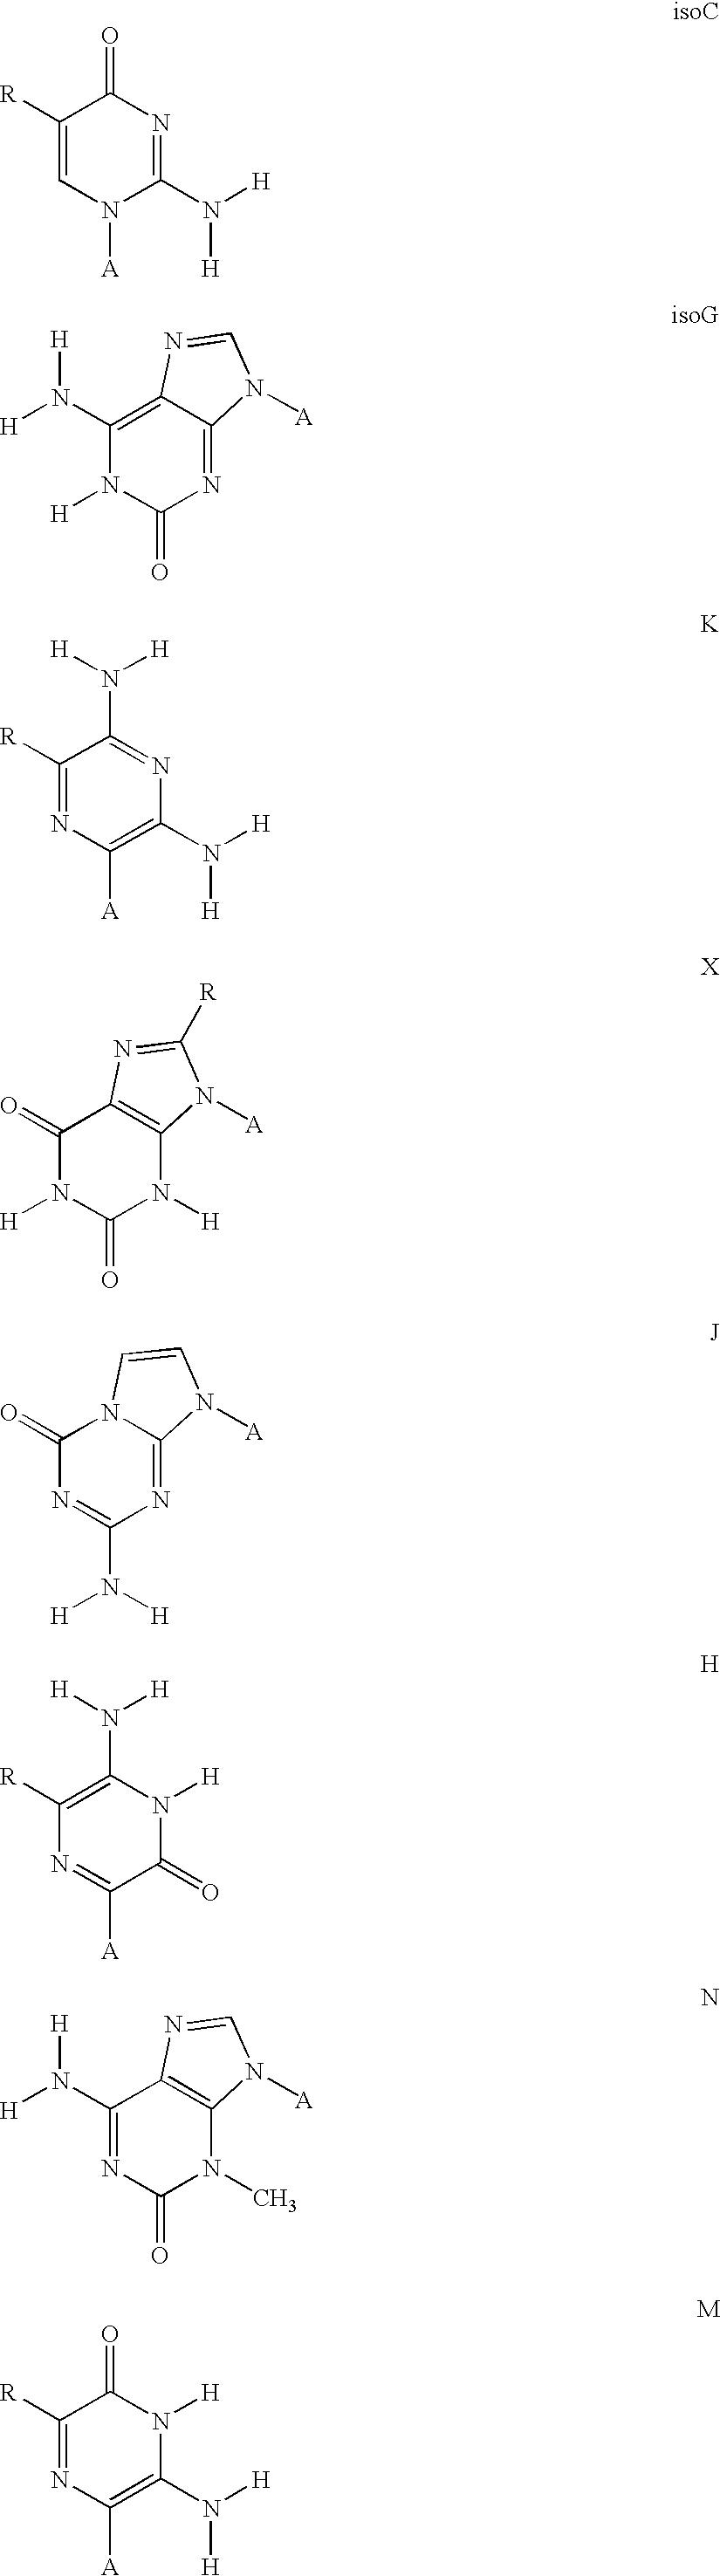 Figure US07498136-20090303-C00001